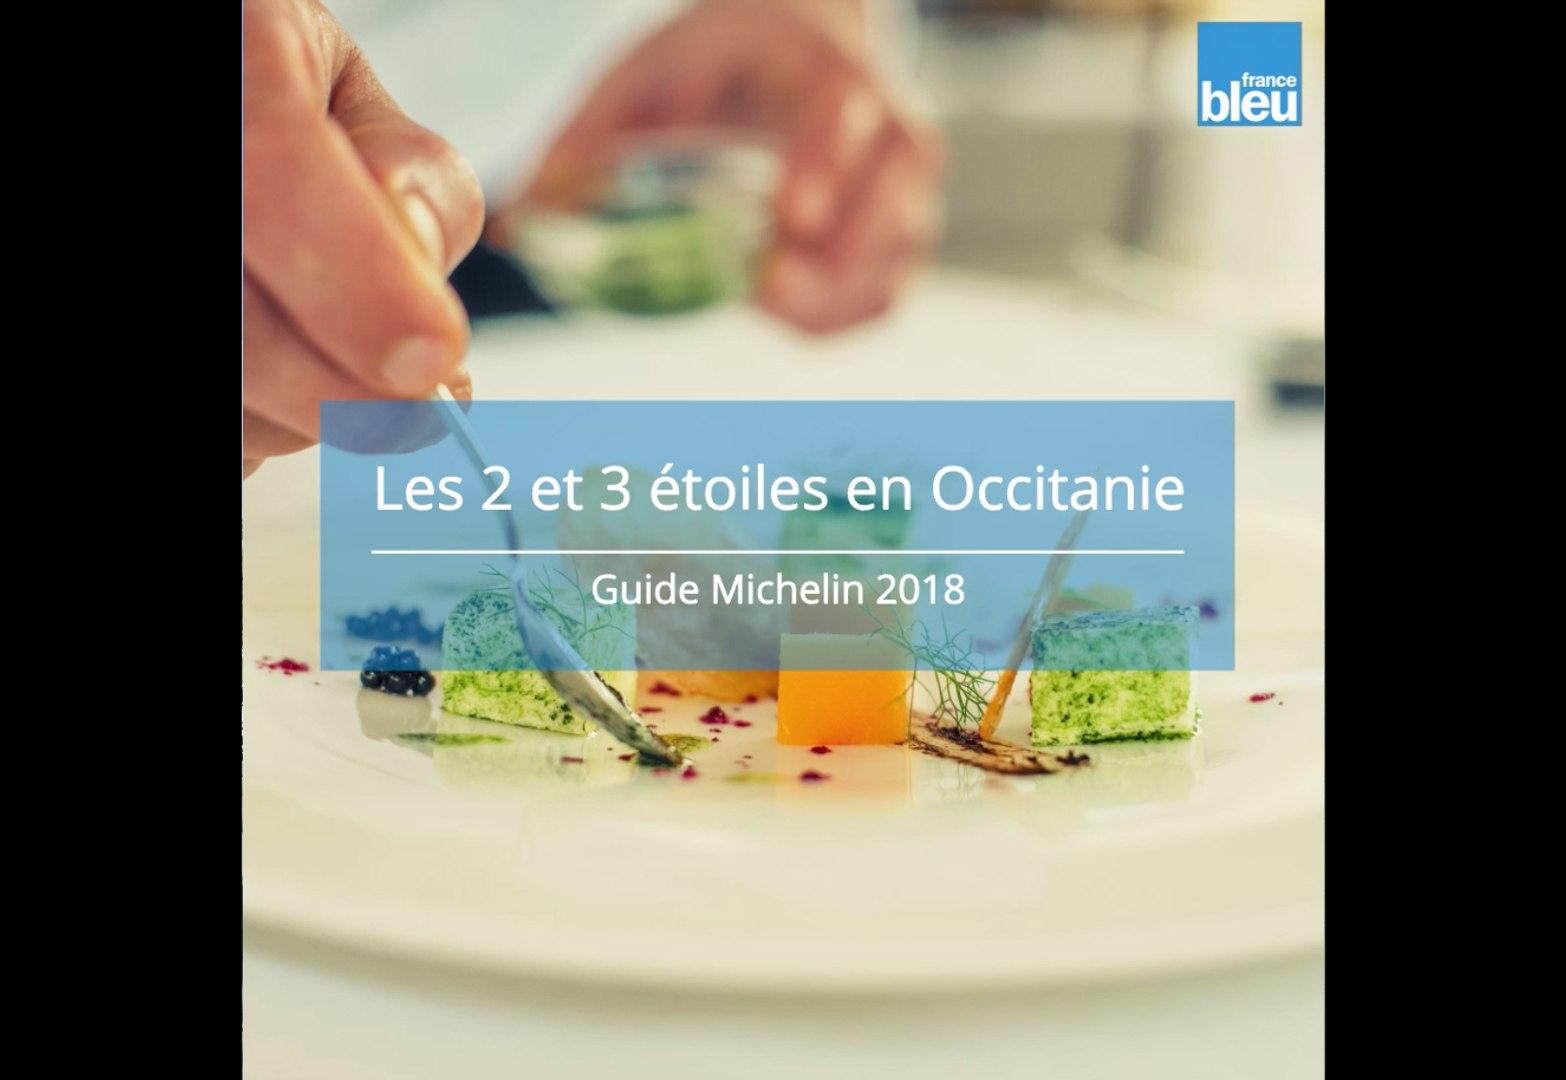 Guide Michelin 2018 Les 2 Et 3 étoiles En Occitanie